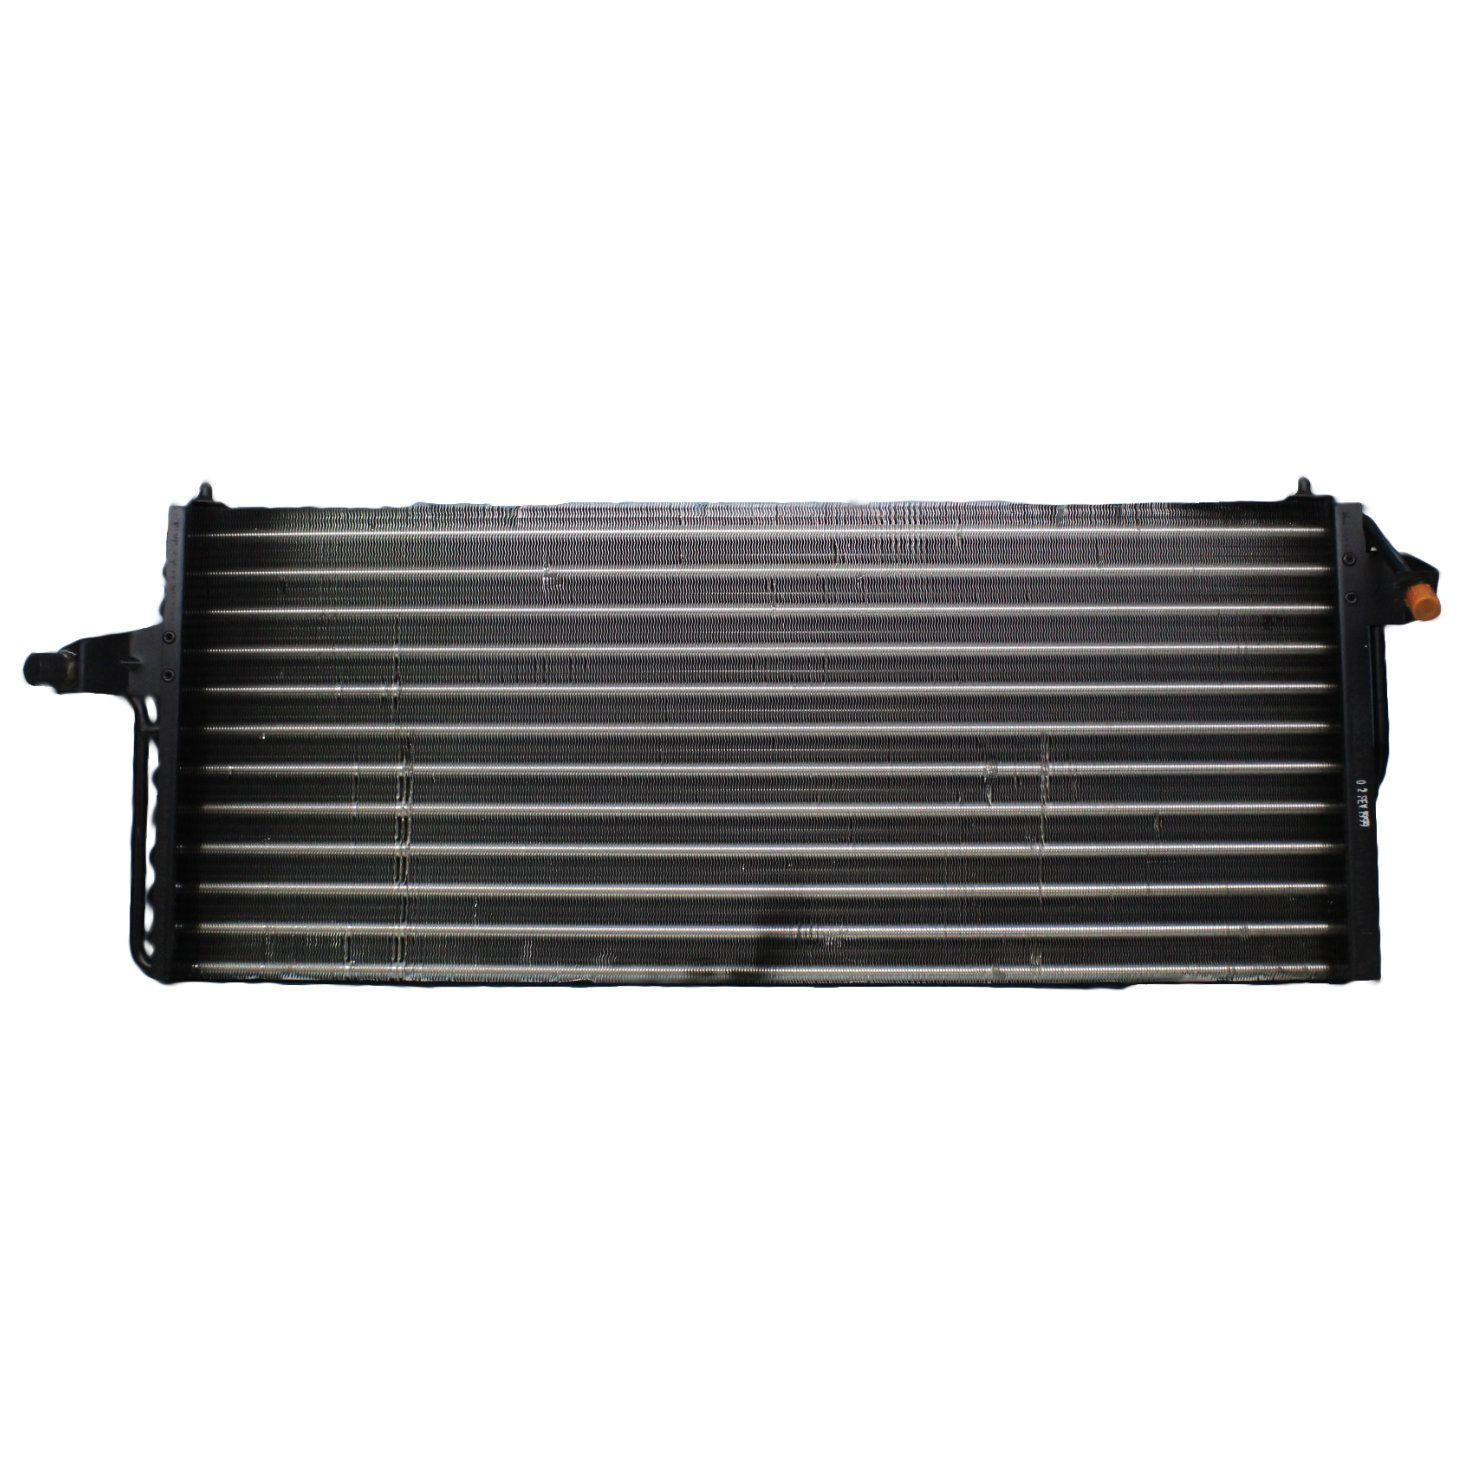 Condensador Ar Condicionado VW Santana Até 89 com gás R12